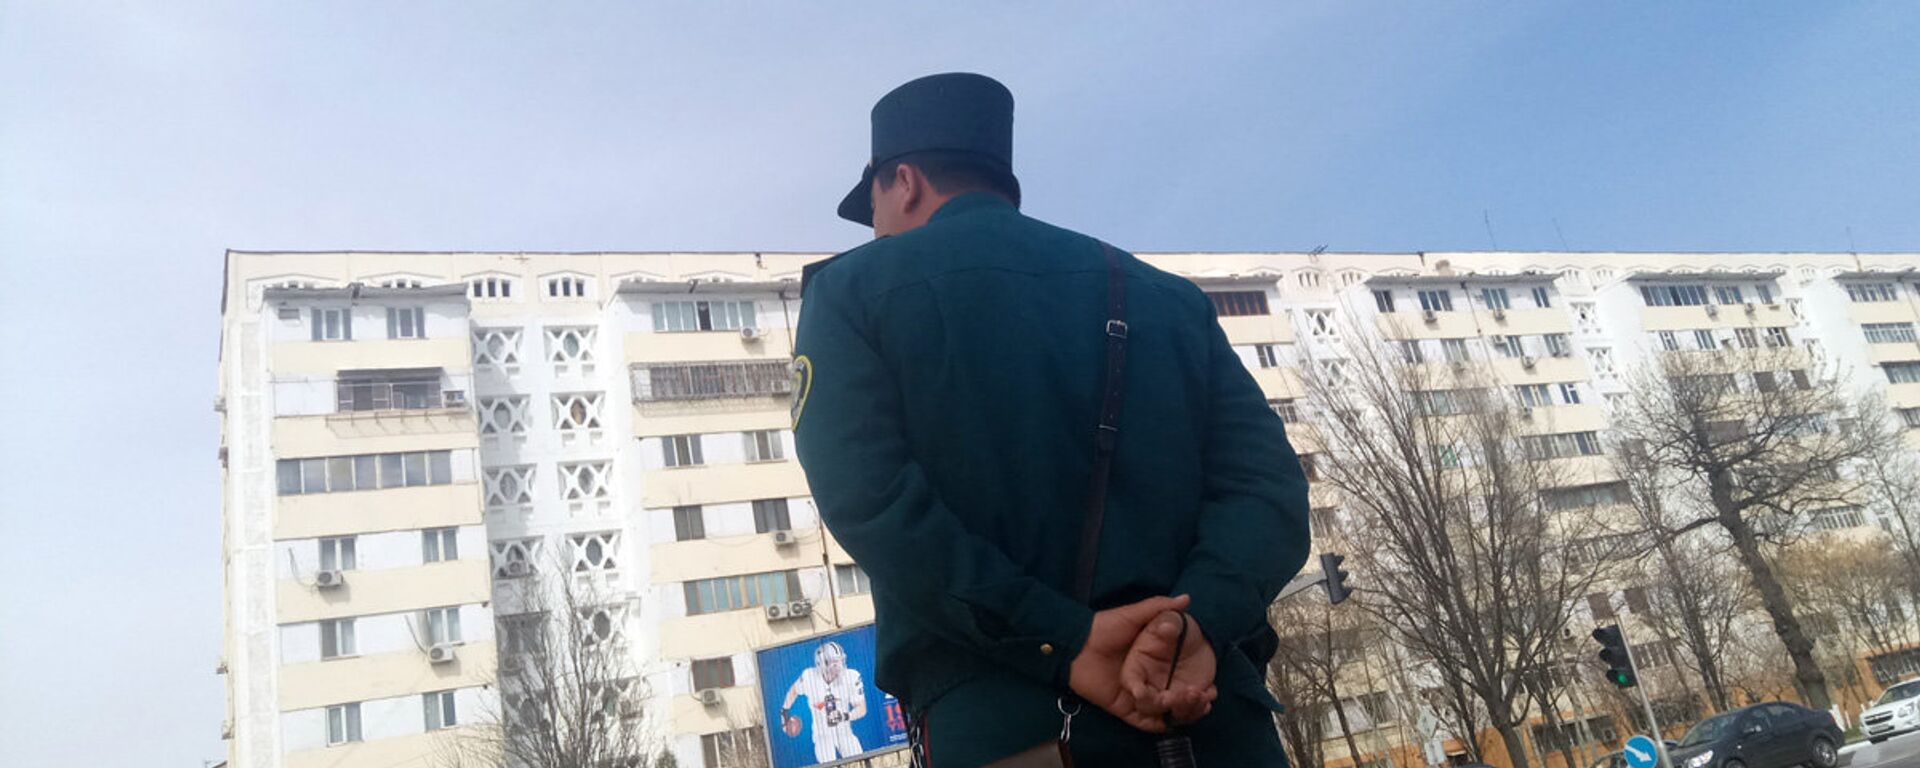 Сотрудник ГАИ - Sputnik Узбекистан, 1920, 29.12.2020